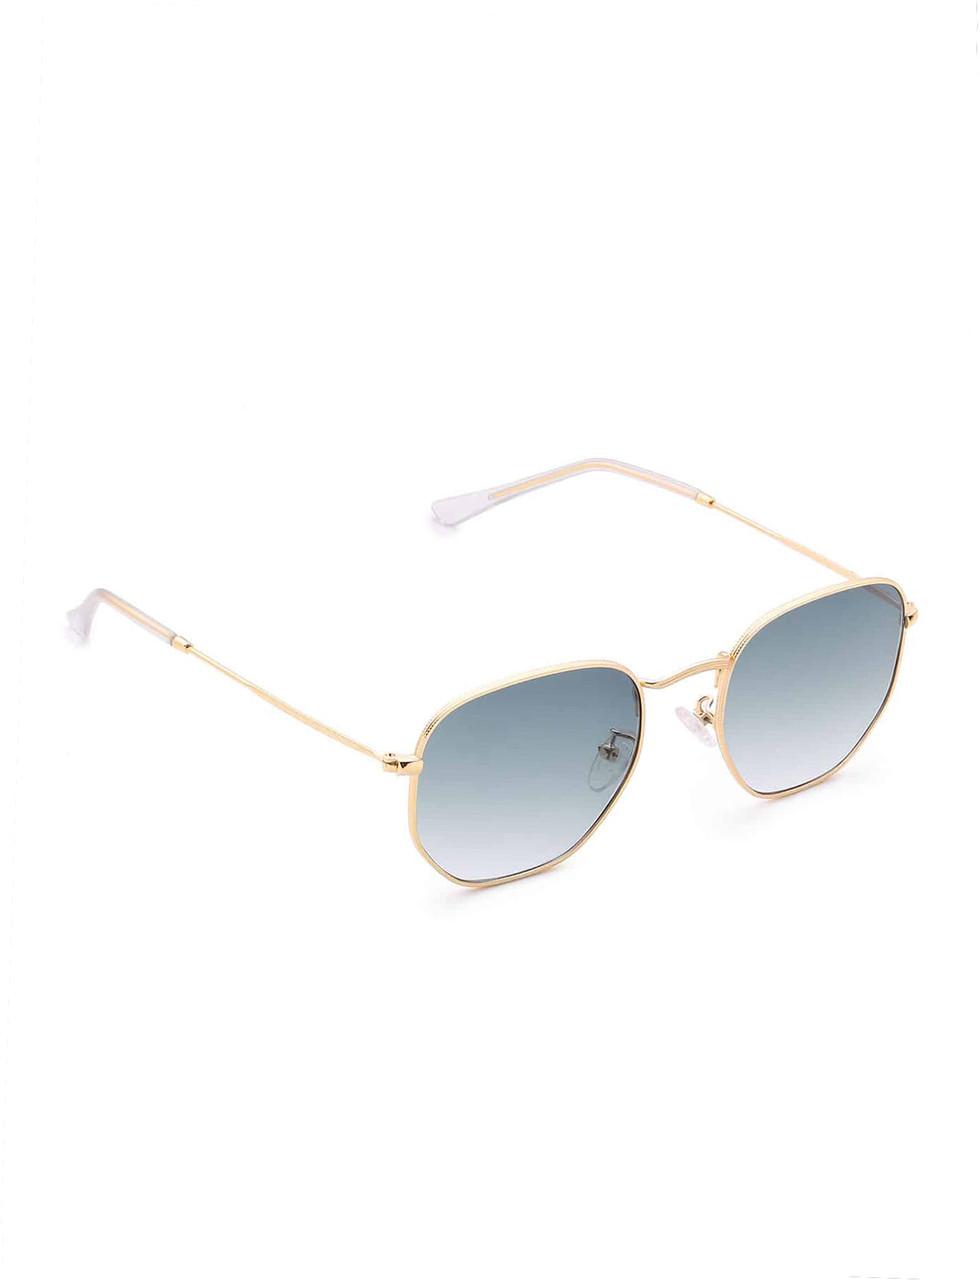 Солнцезащитные очки классика Bananahall с металлической рамкой (bnnhll4305)